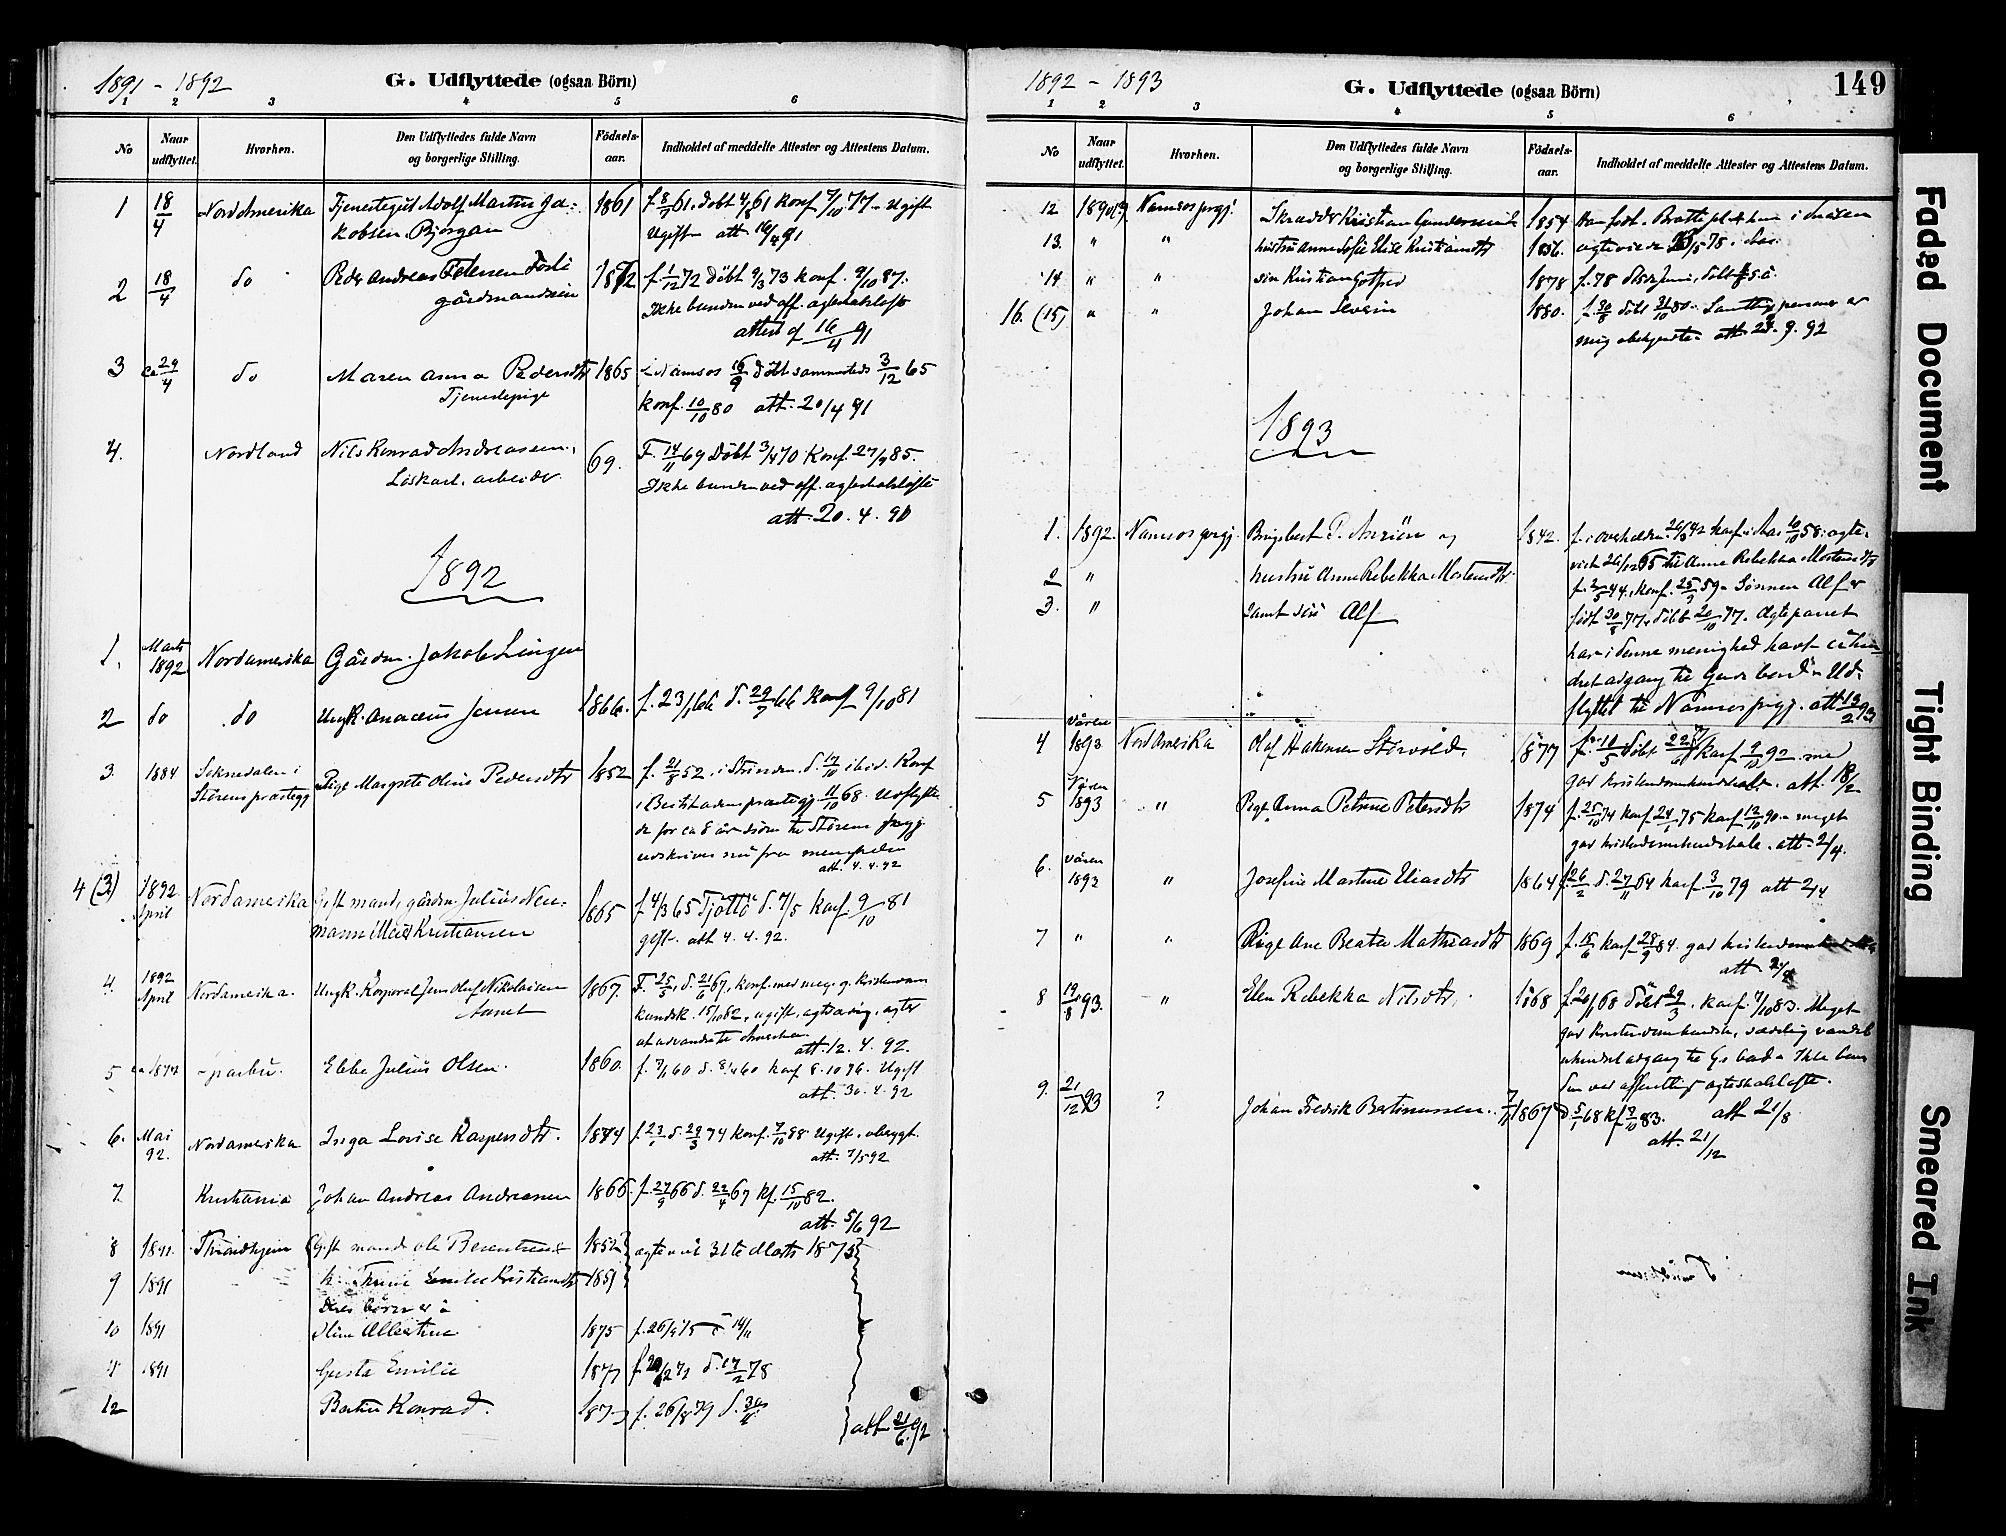 SAT, Ministerialprotokoller, klokkerbøker og fødselsregistre - Nord-Trøndelag, 742/L0409: Ministerialbok nr. 742A02, 1891-1905, s. 149